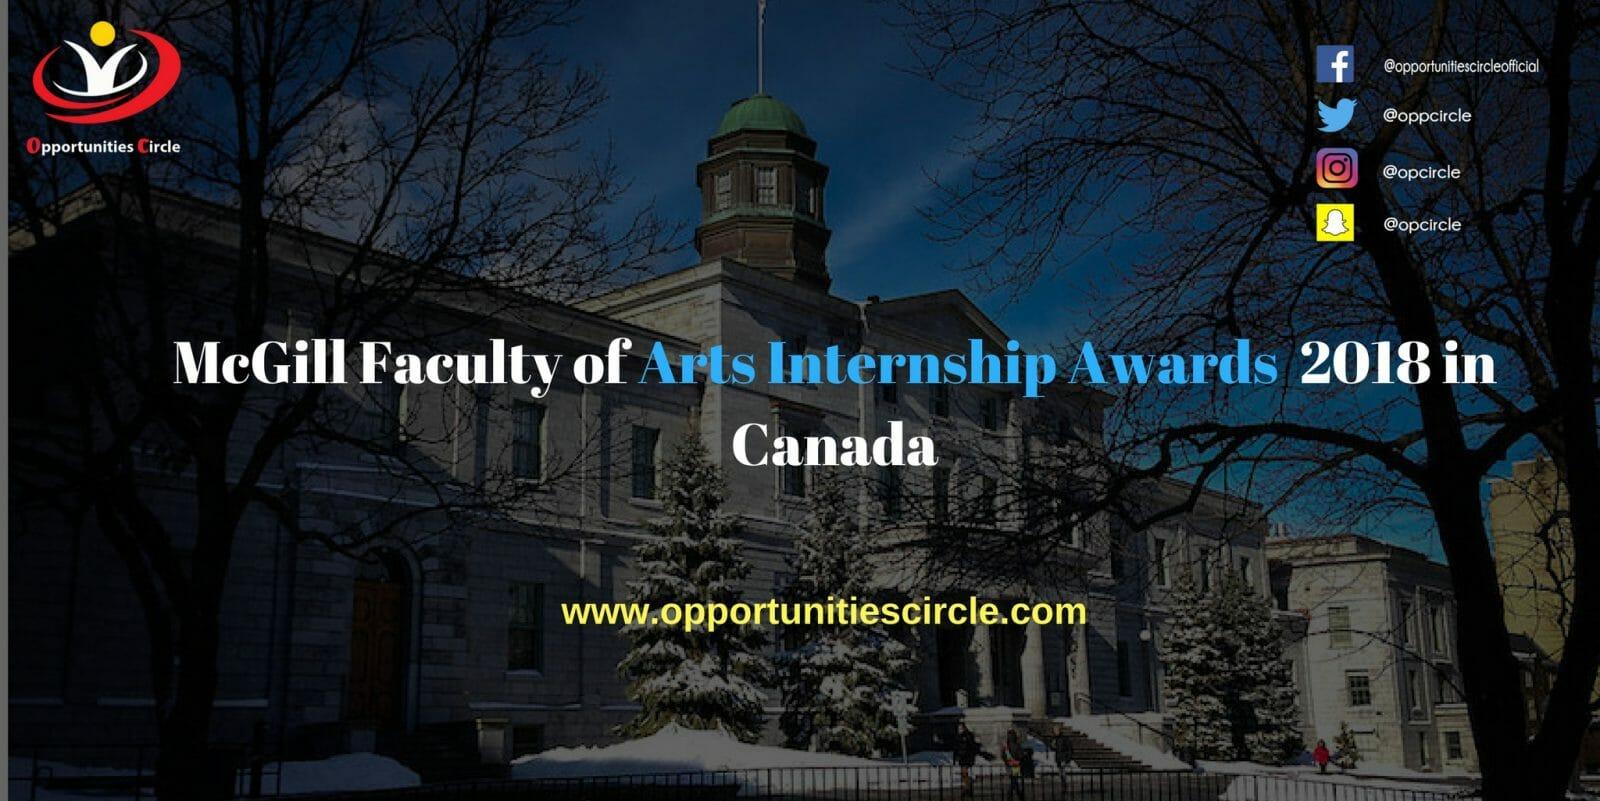 McGill Faculty of Arts Internship Awards 2018 in Canada - McGill Faculty of Arts Internship Awards  2018 in Canada